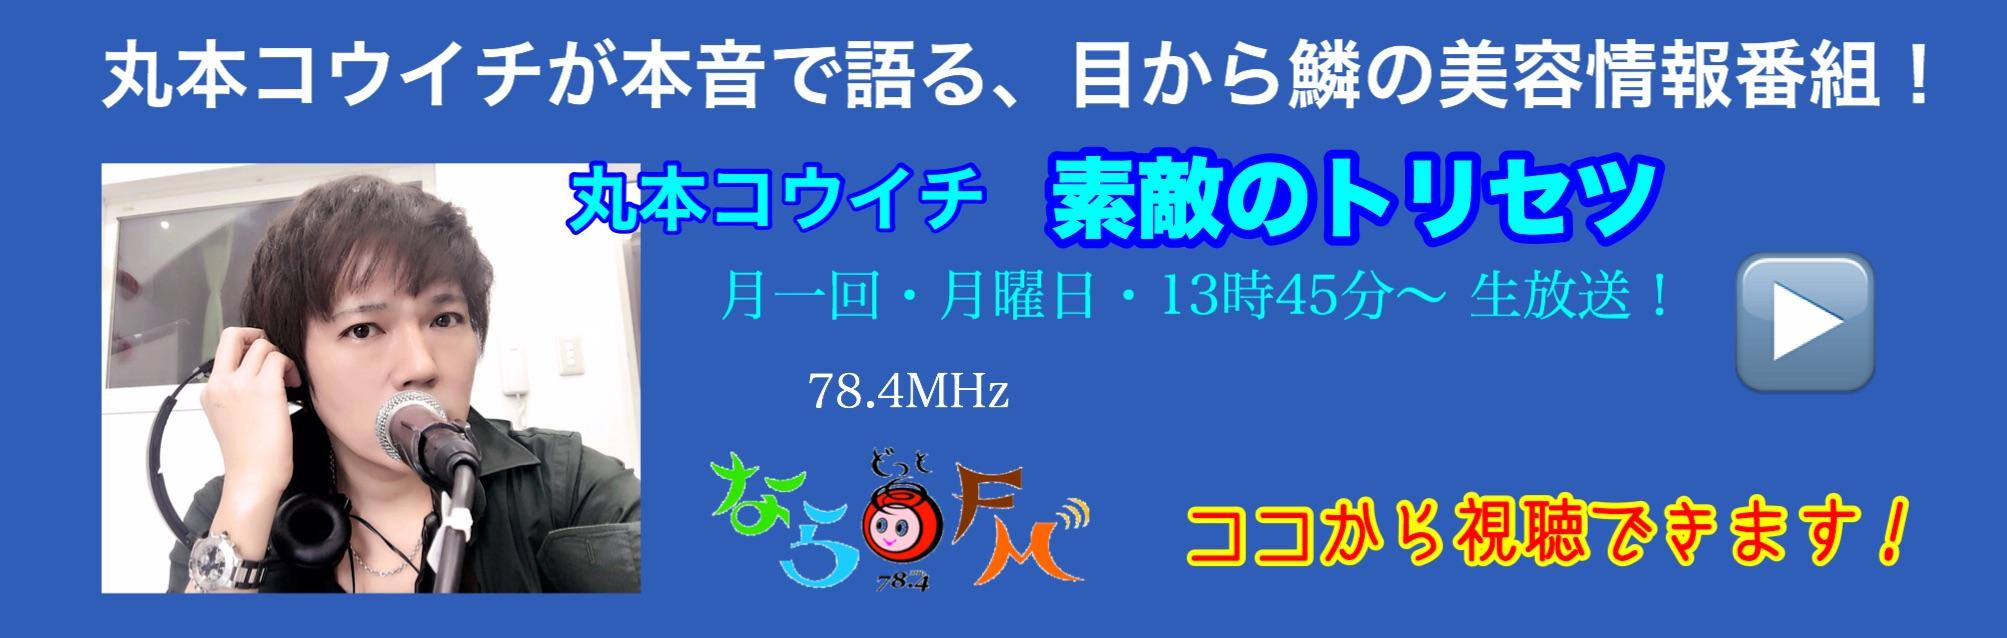 丸本 FM